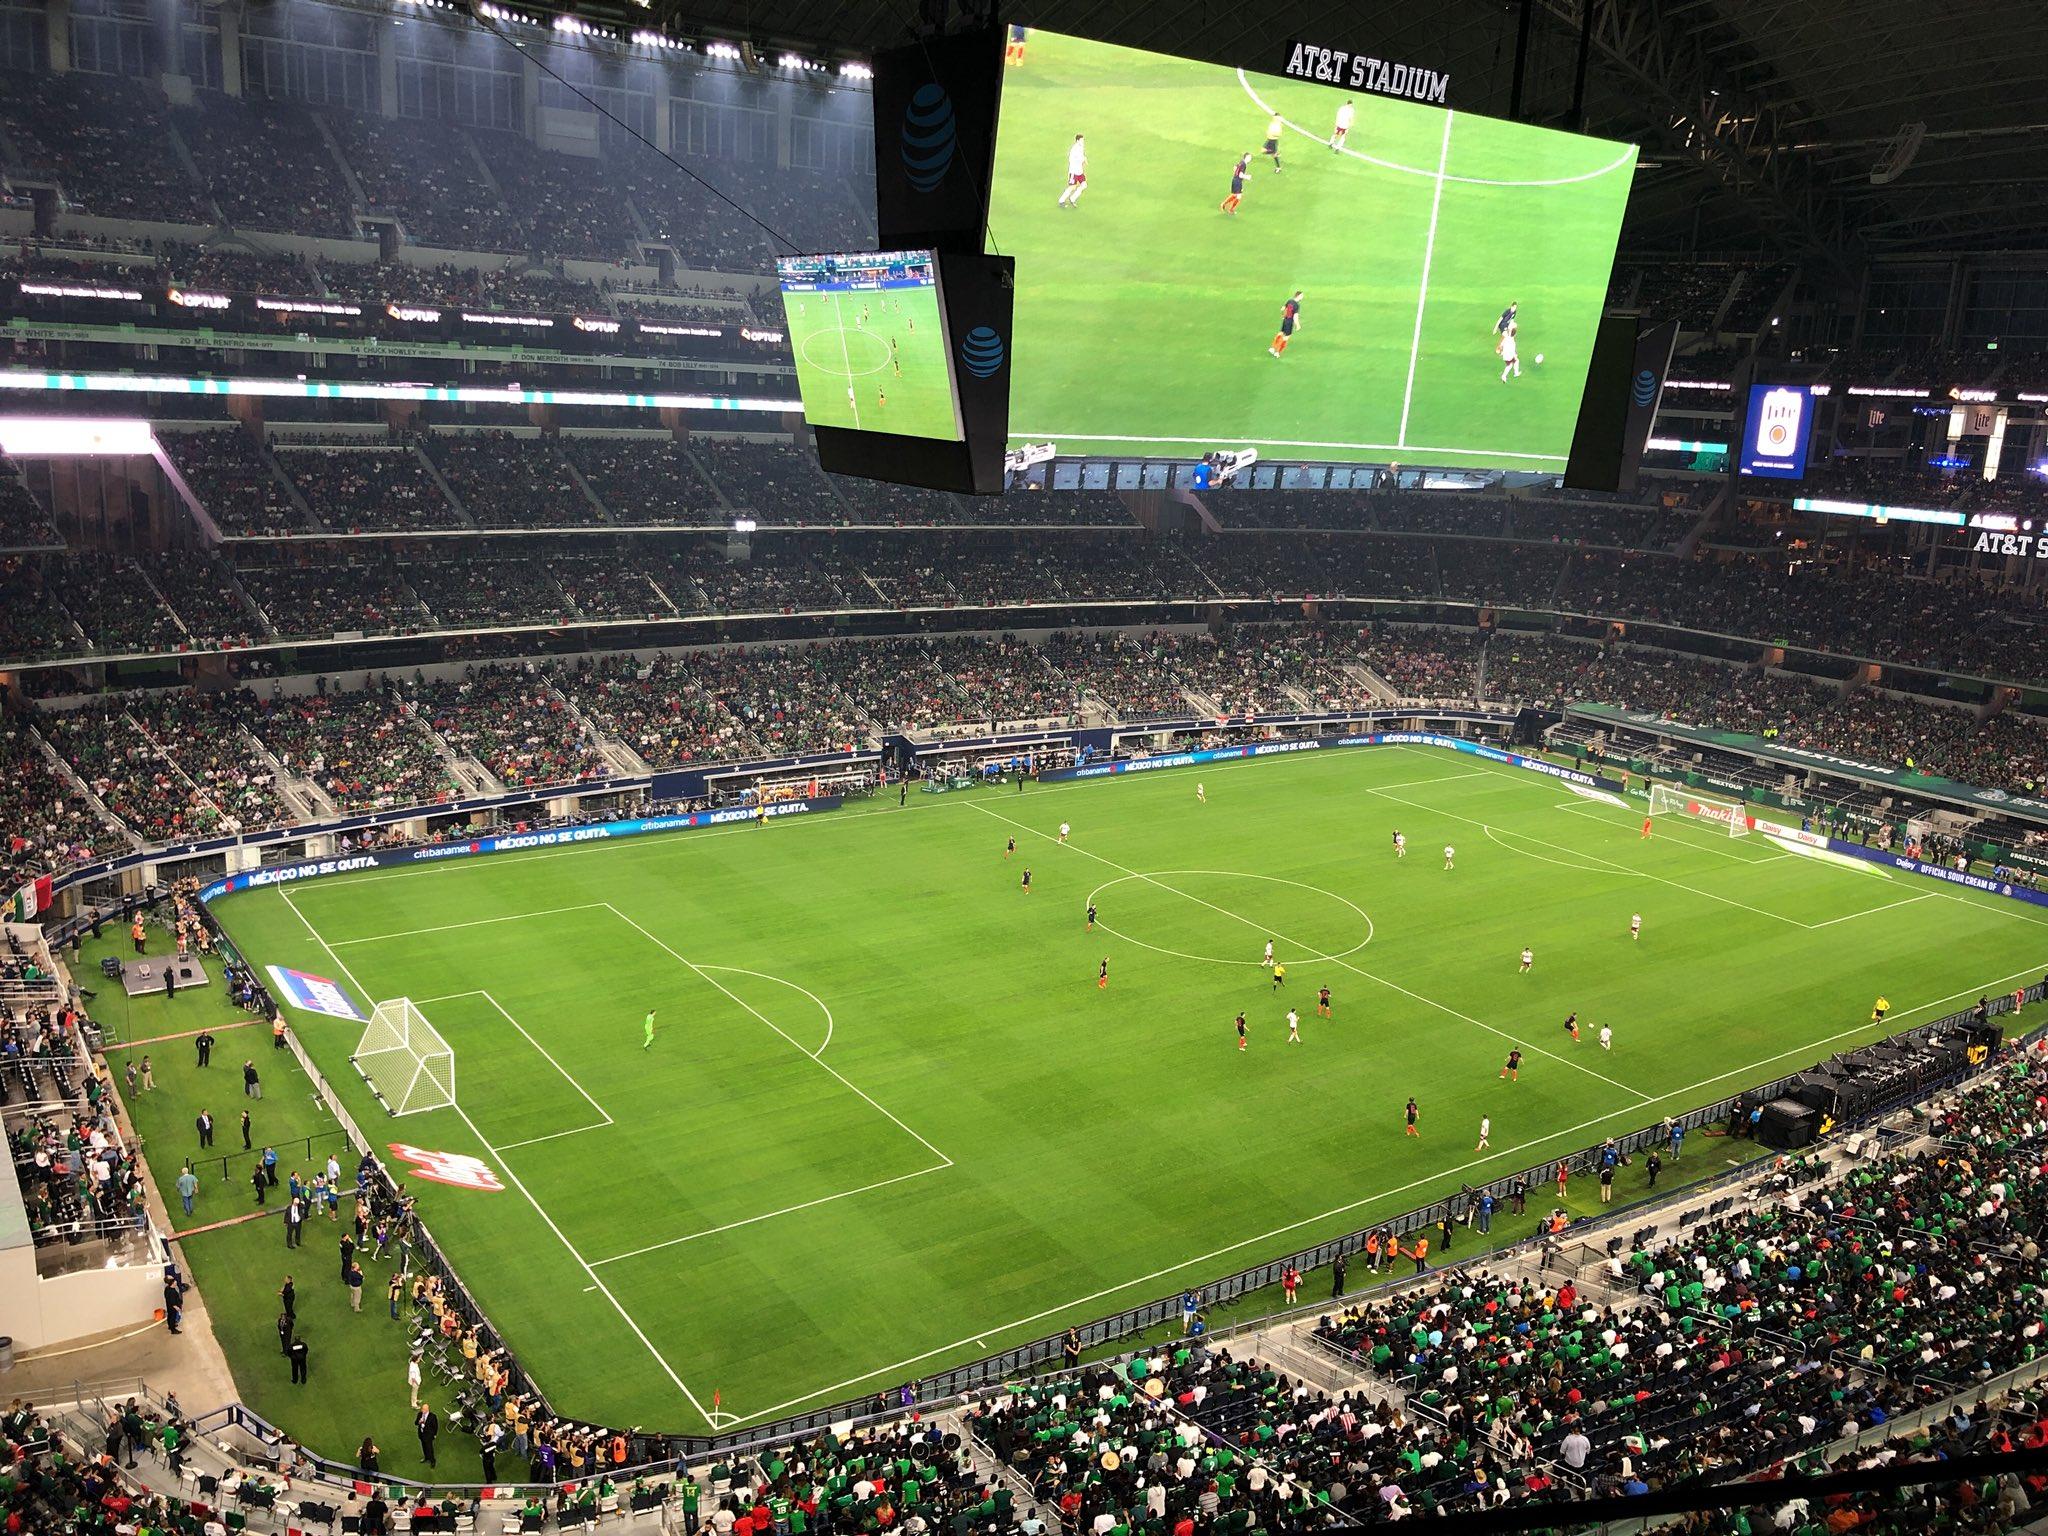 México es derrotado 1-0 por Croacia